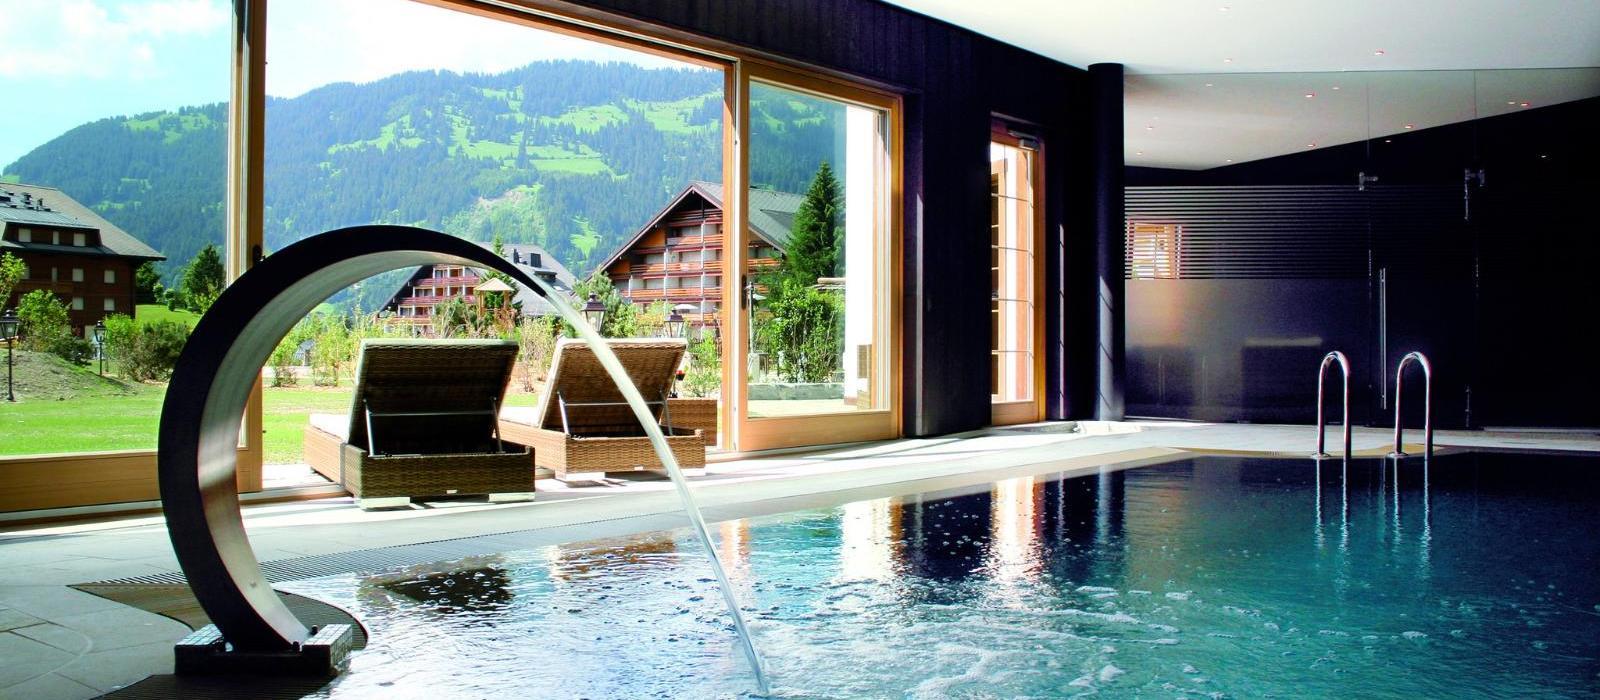 瑞峰木屋水疗度假酒店(Chalet Royalp Hotel & Spa) 图片  www.lhw.cn